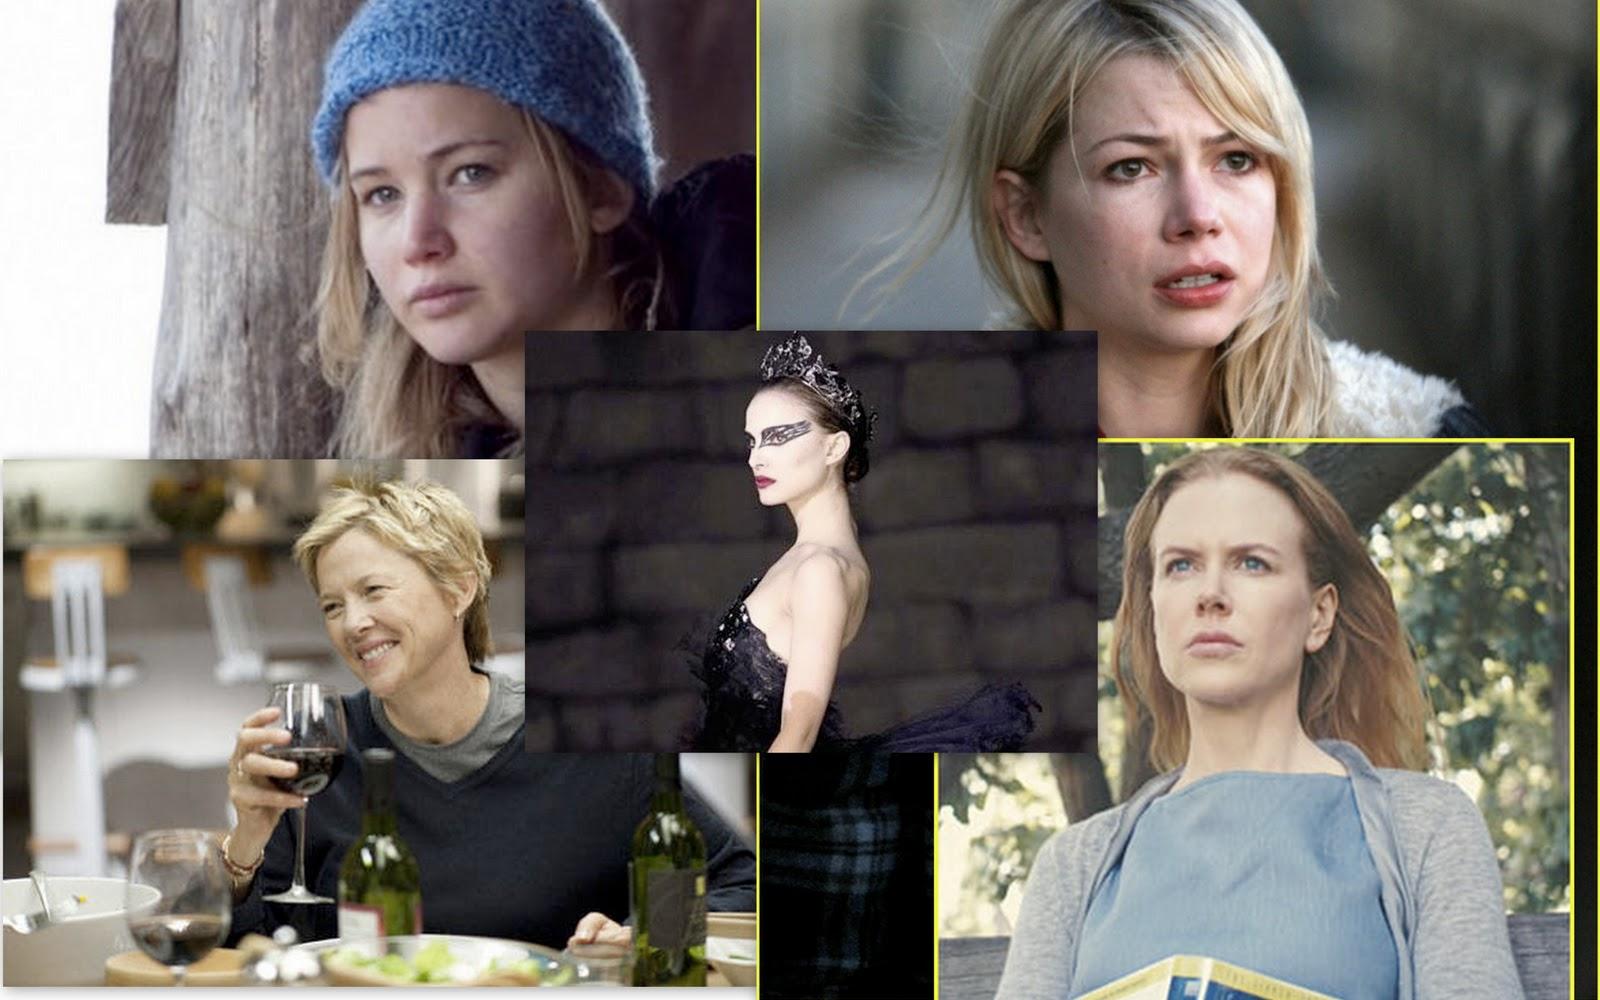 http://2.bp.blogspot.com/_TJM9phim3hk/TVISxS2-TgI/AAAAAAAAAFo/ClMgZvx174s/s1600/Best+Actress.jpg